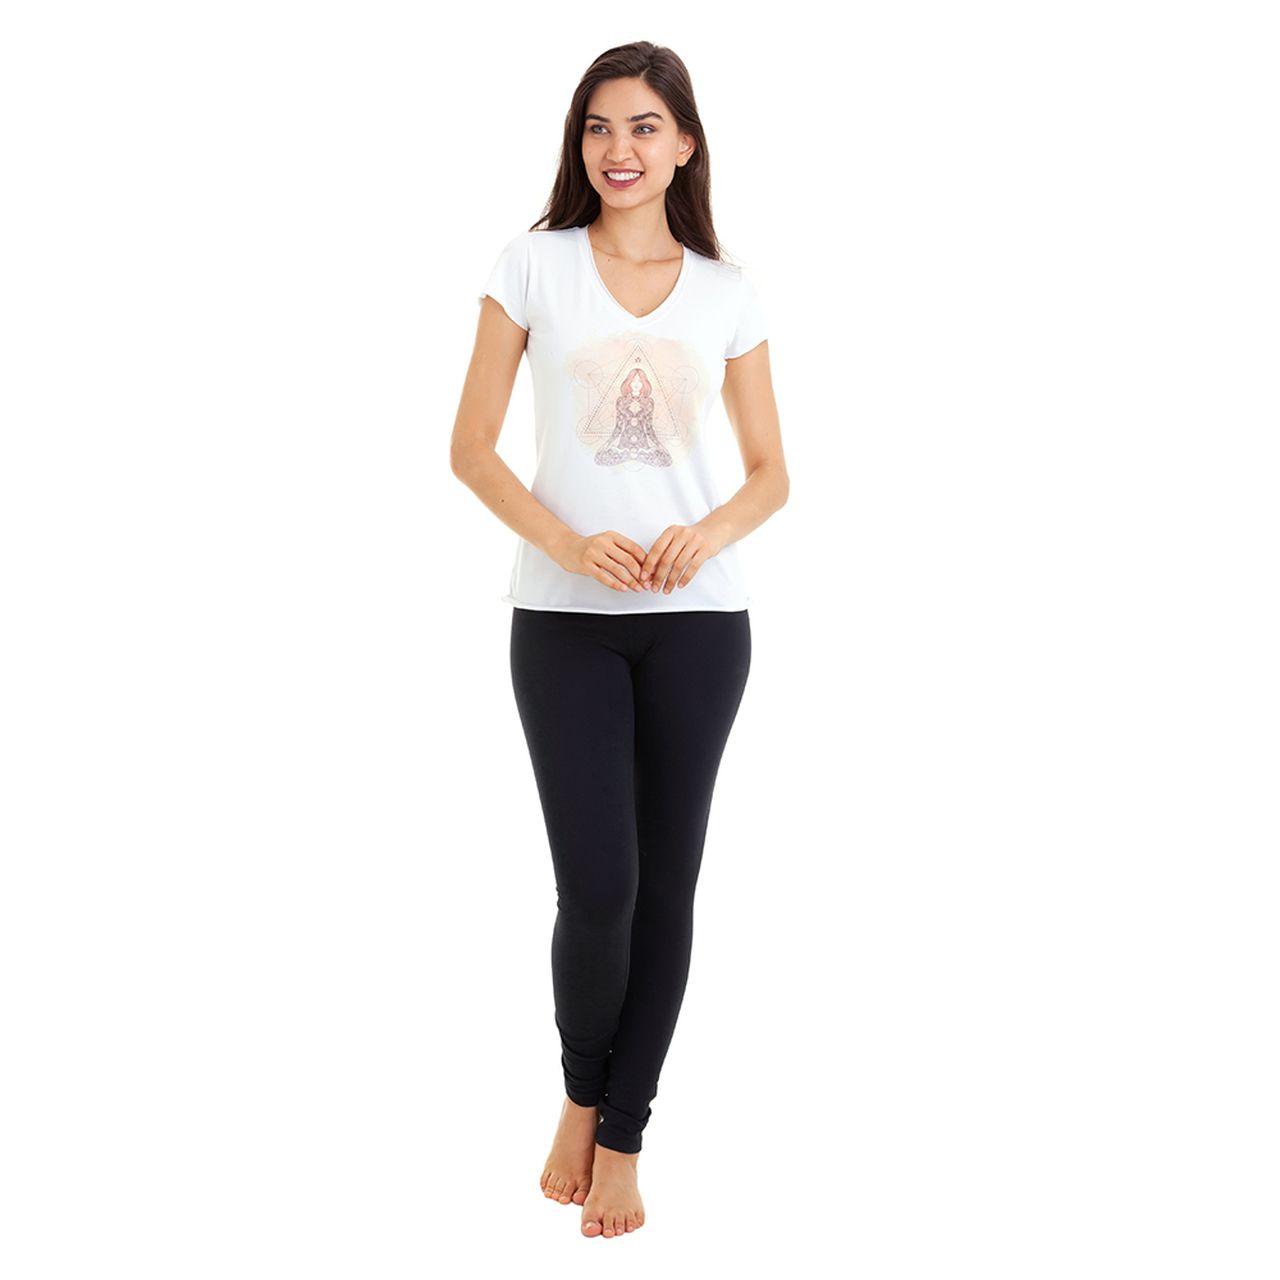 Baby Look - Branca - Mulher em Lótus